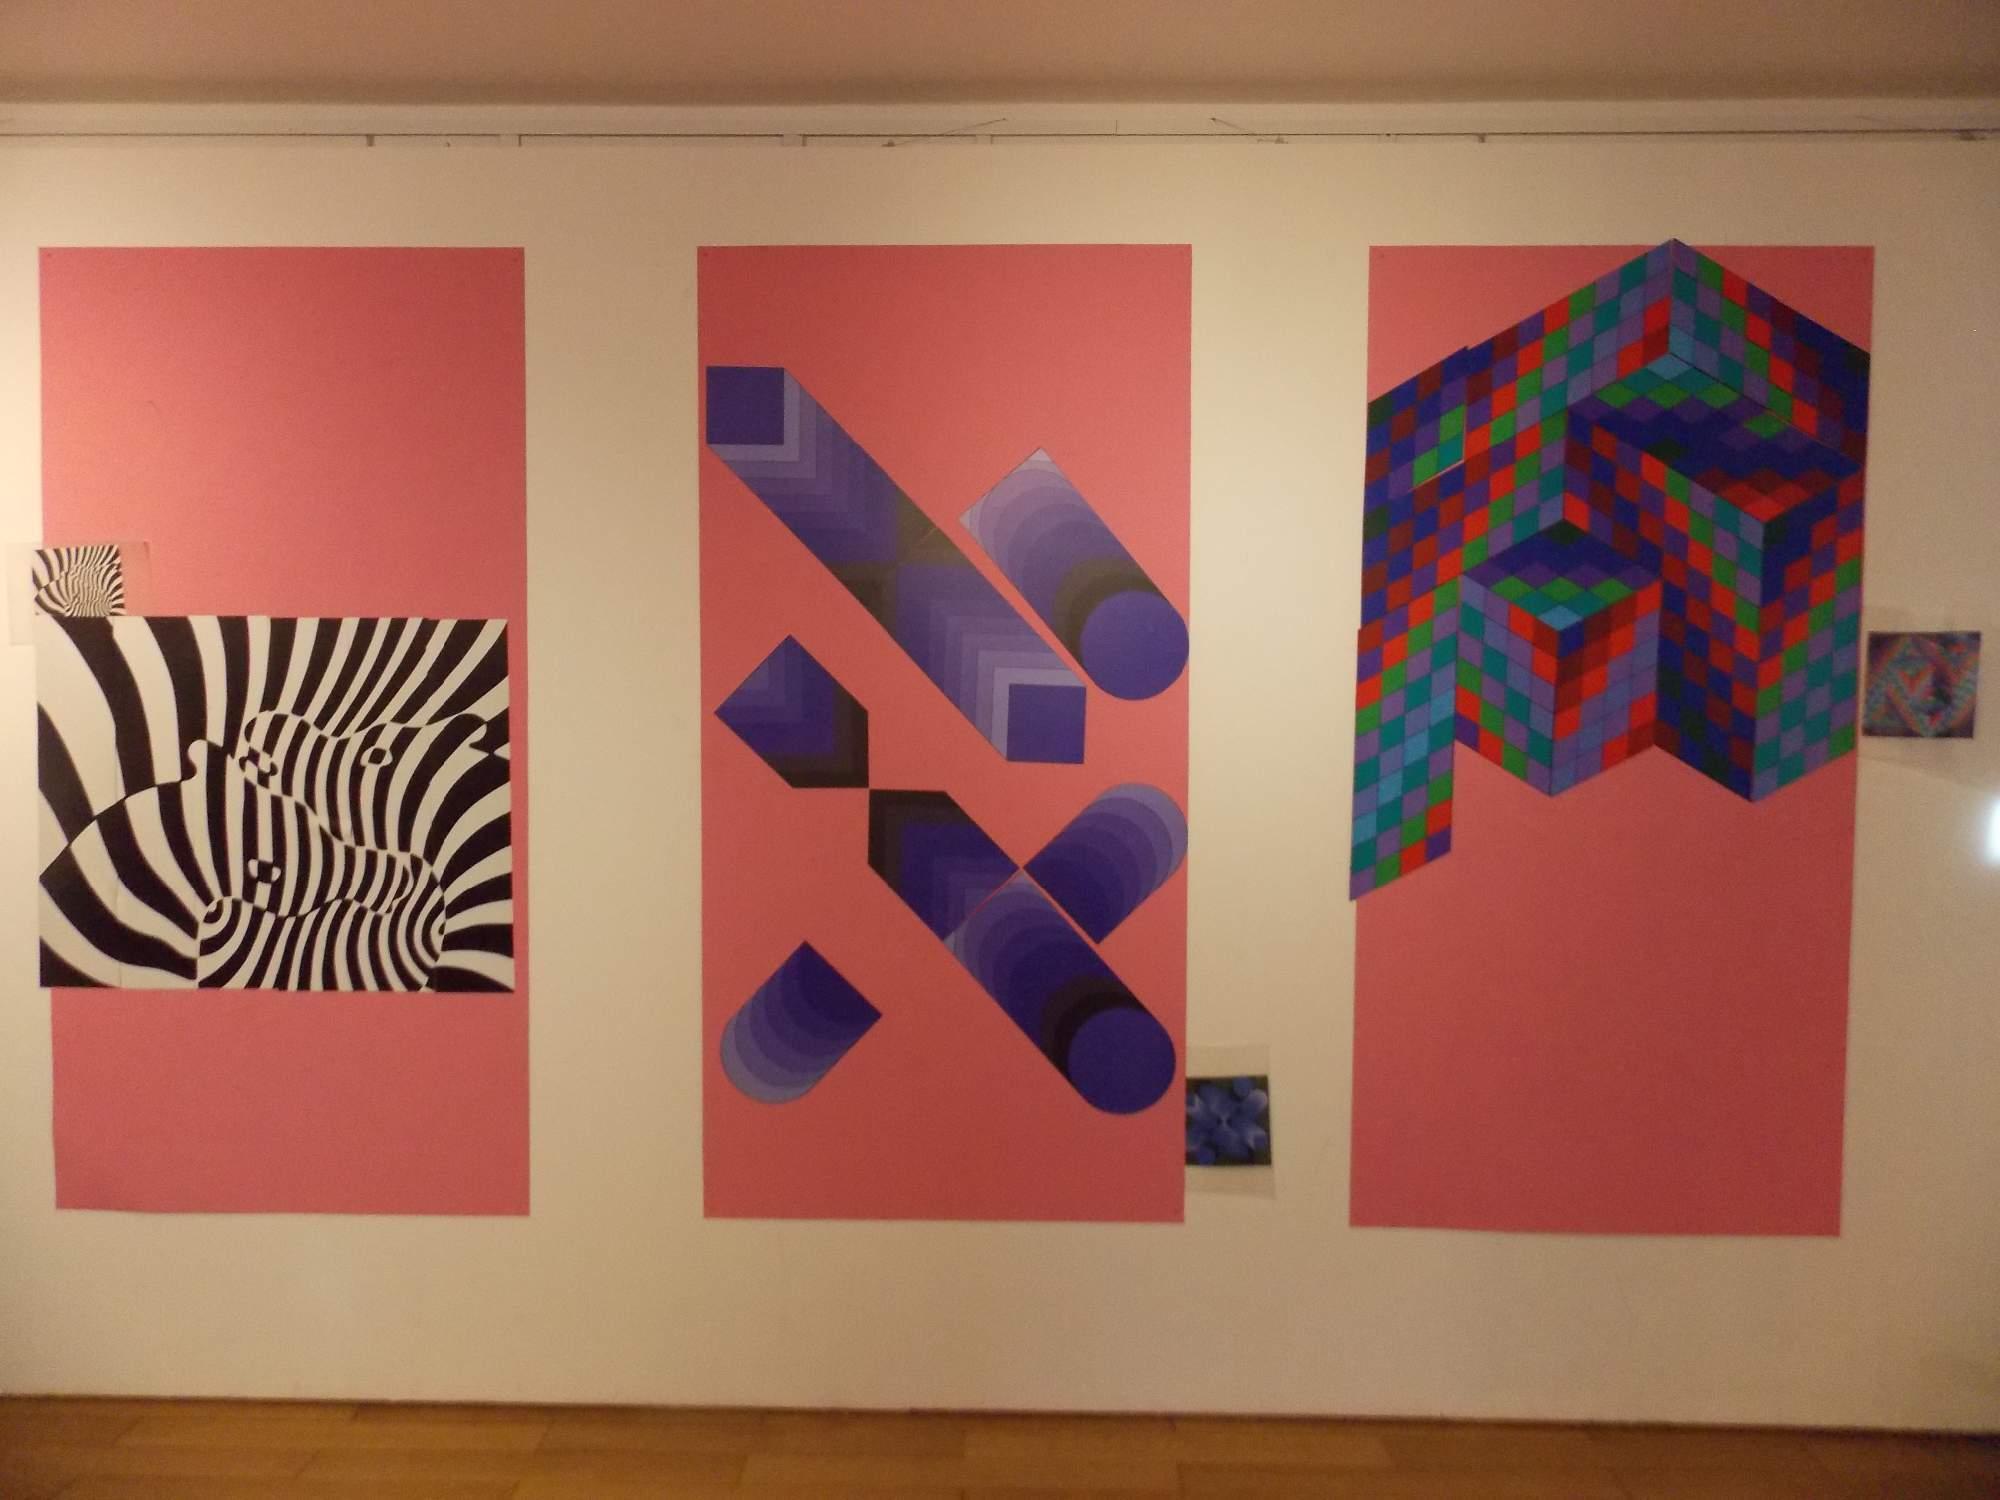 Návštěvníci výstavy si mohli zkusit poskládat vlastní dílo. Foto: Marie Mrázová